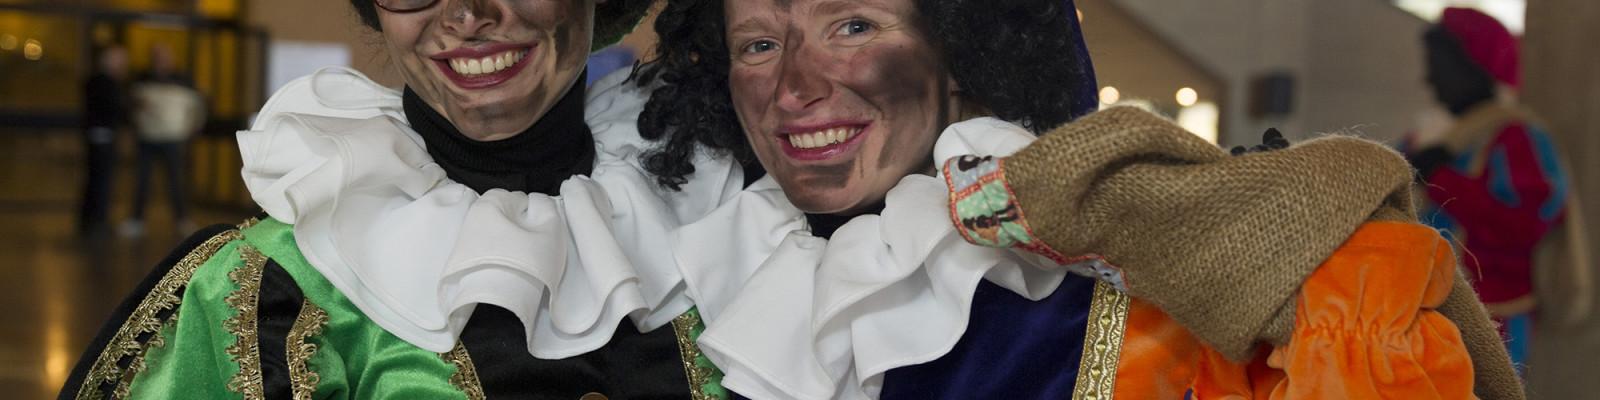 Zwarte-Piet-Sinterklaas-2014-foto-Michelle-Muus-1-1600×400